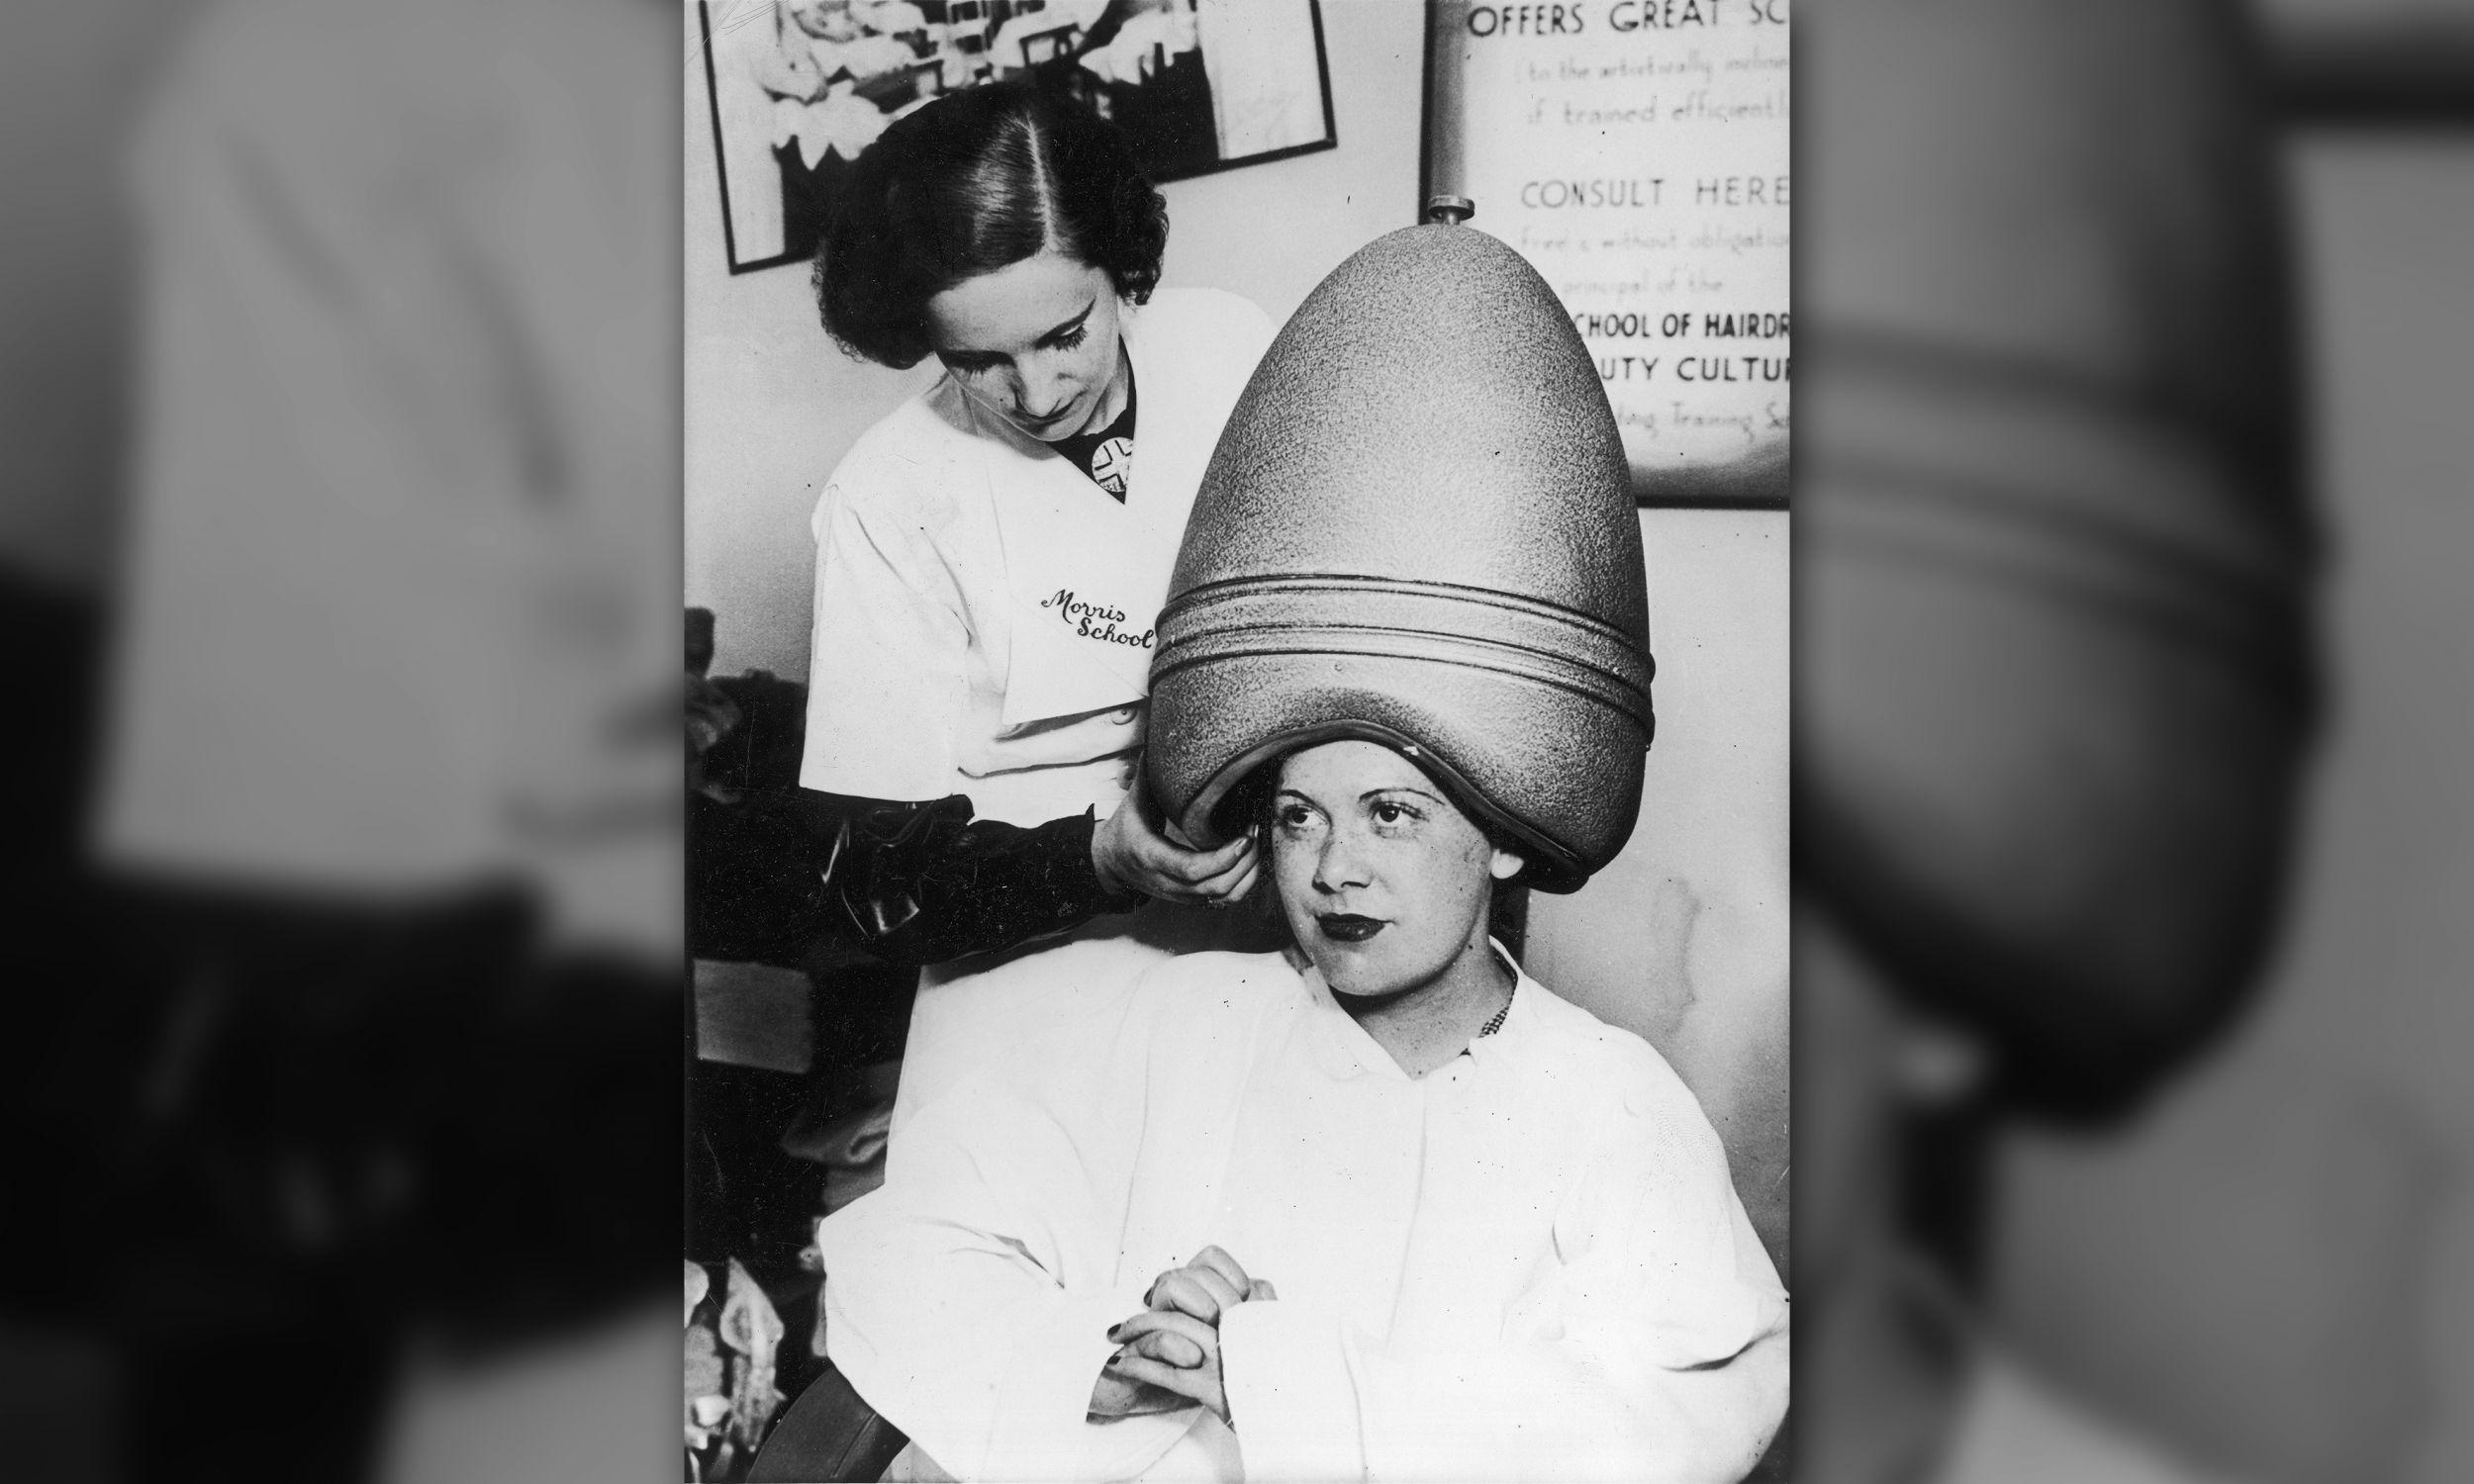 Nowy model profesjonalnej suszarki fryzjerskiej z 1935 roku (fot. mat.pras)